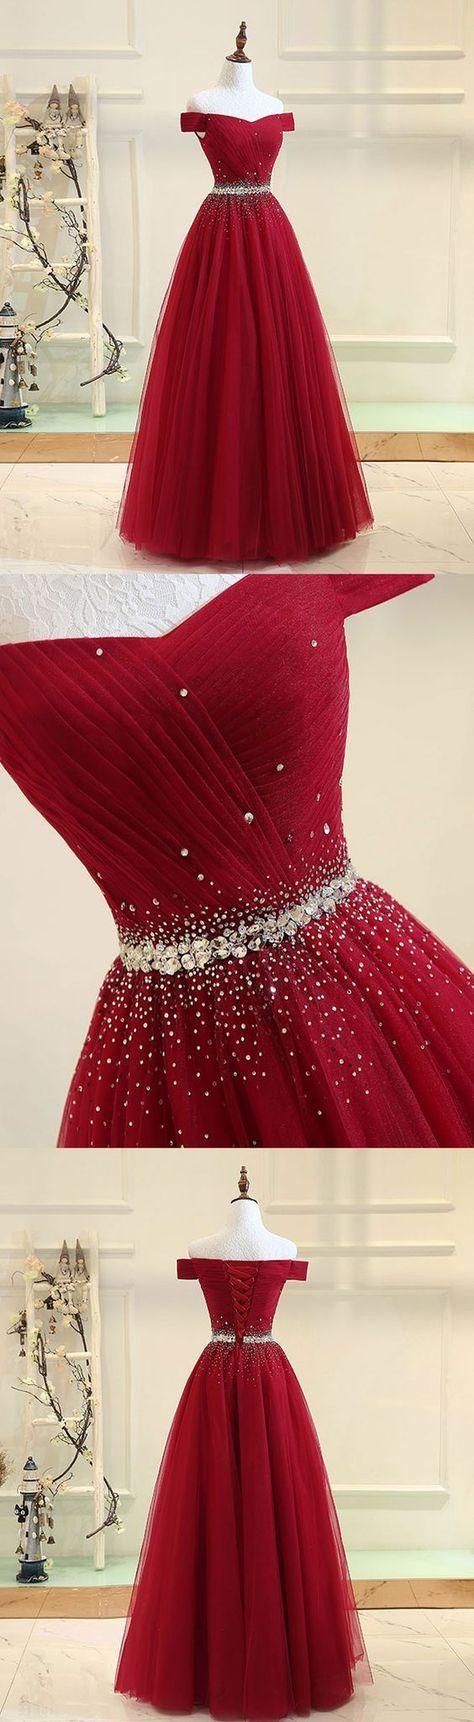 Burgundy tulle off shoulder long prom dress, burgundy evening dress #vintagepromdresses